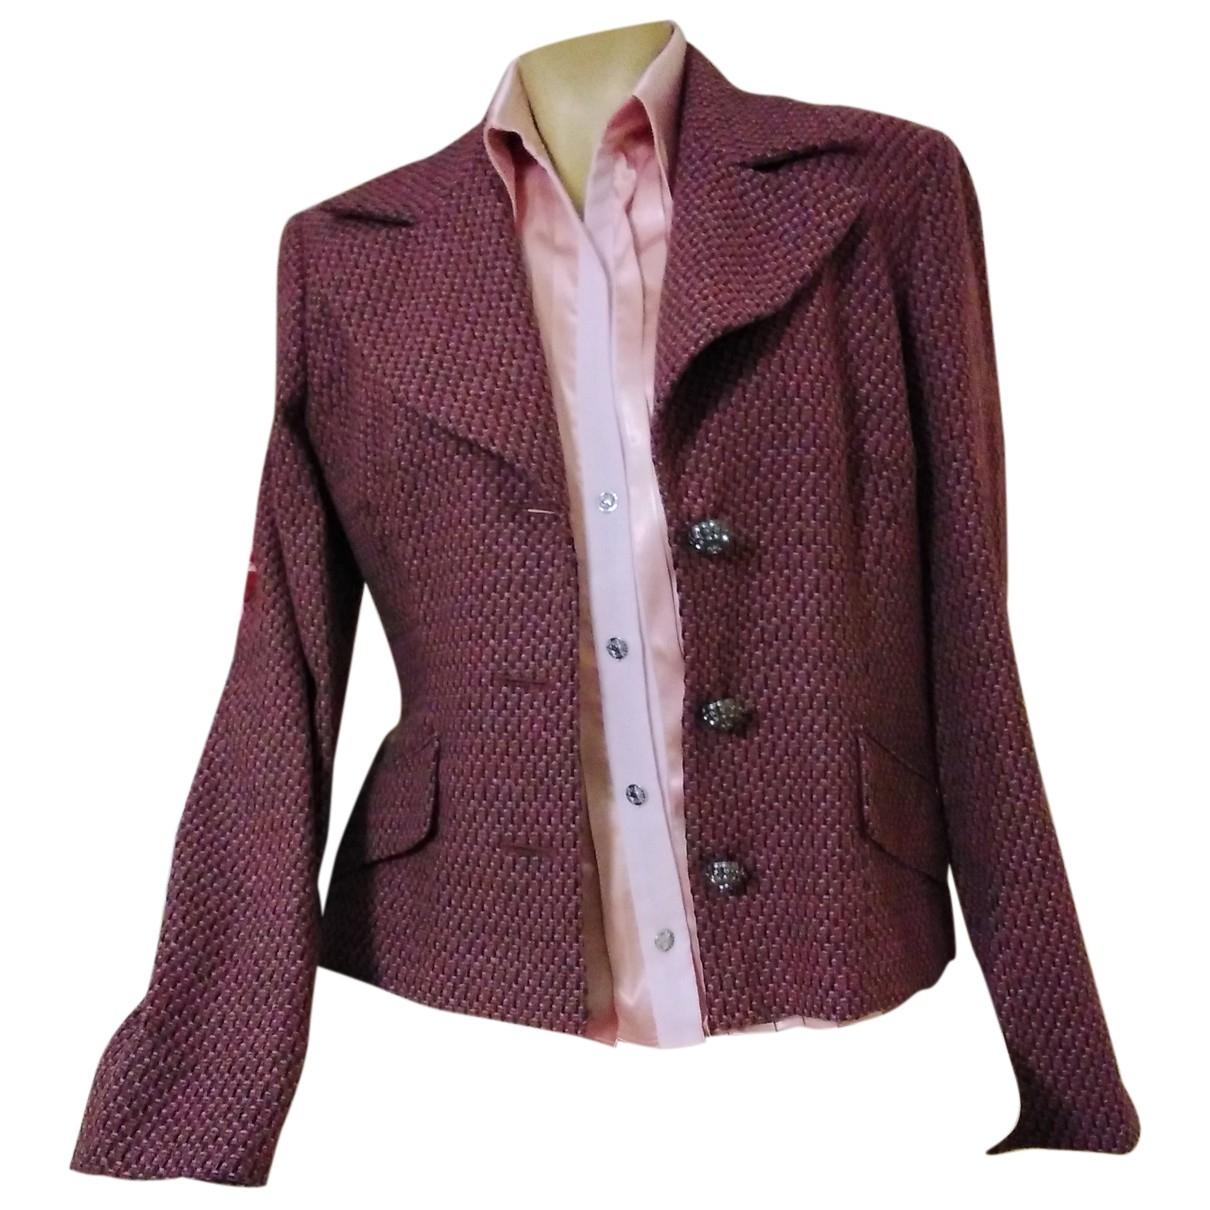 D&g - Veste   pour femme en laine - rose